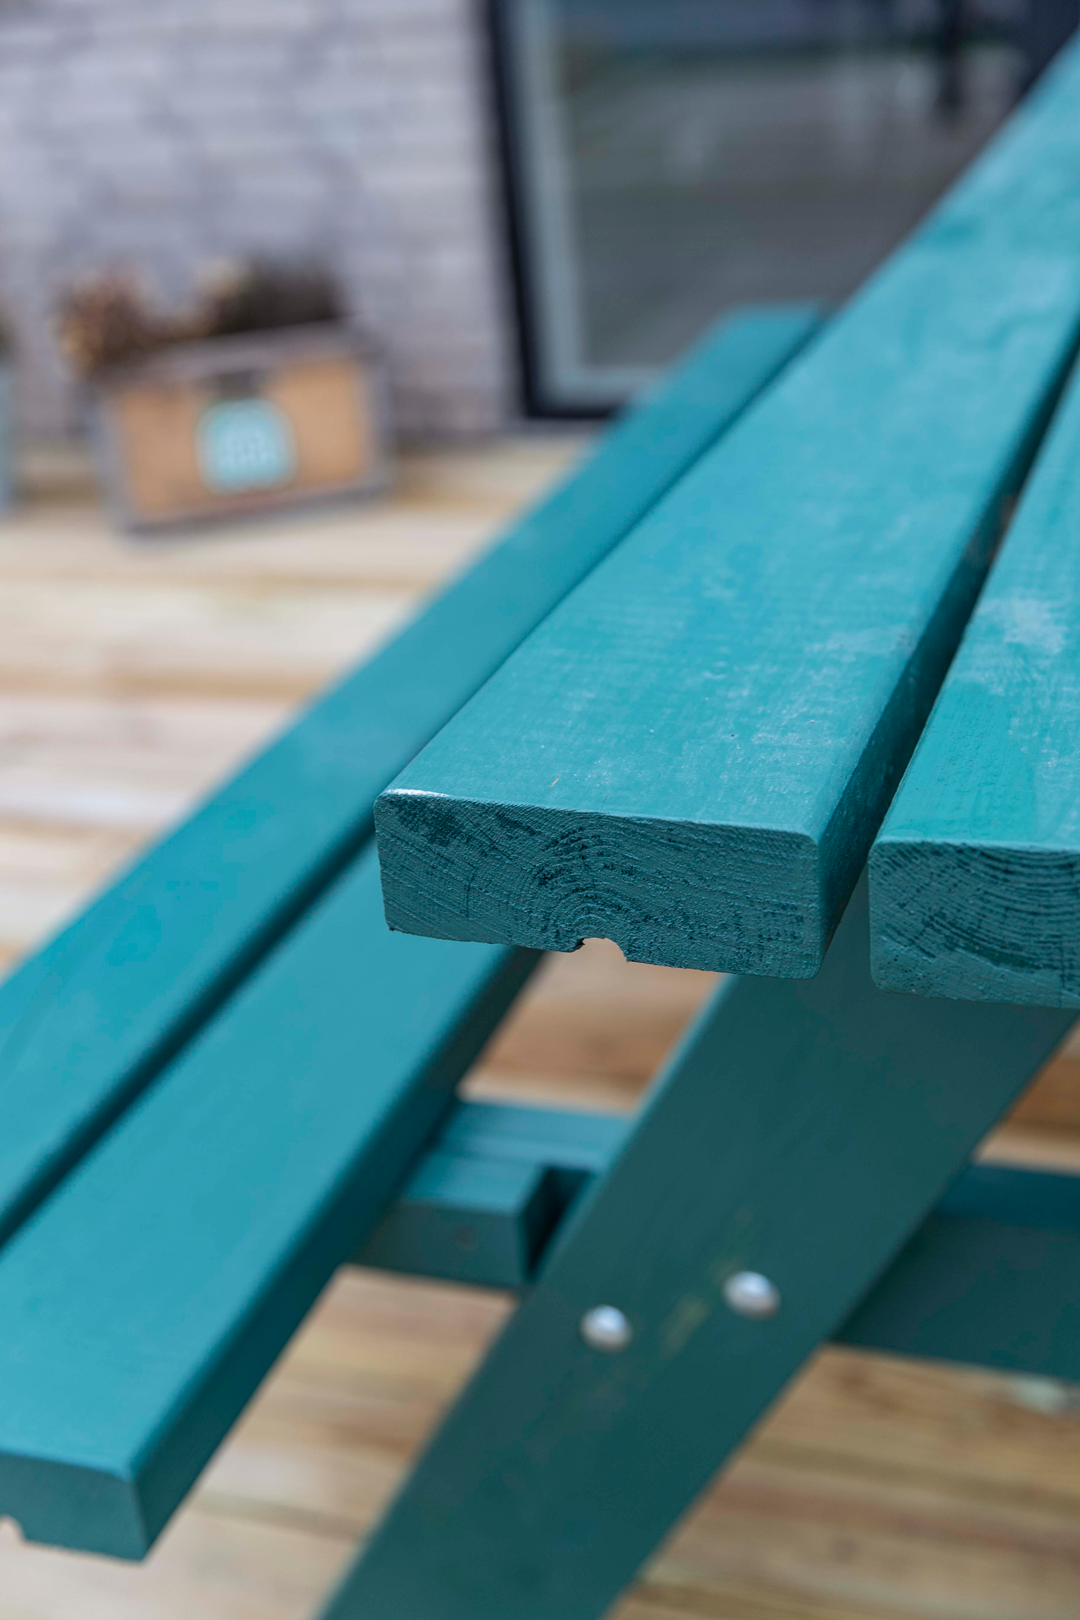 Grønt bord-bænkesæt i haven hos Grønt hus, Nybyggerne sæson 5